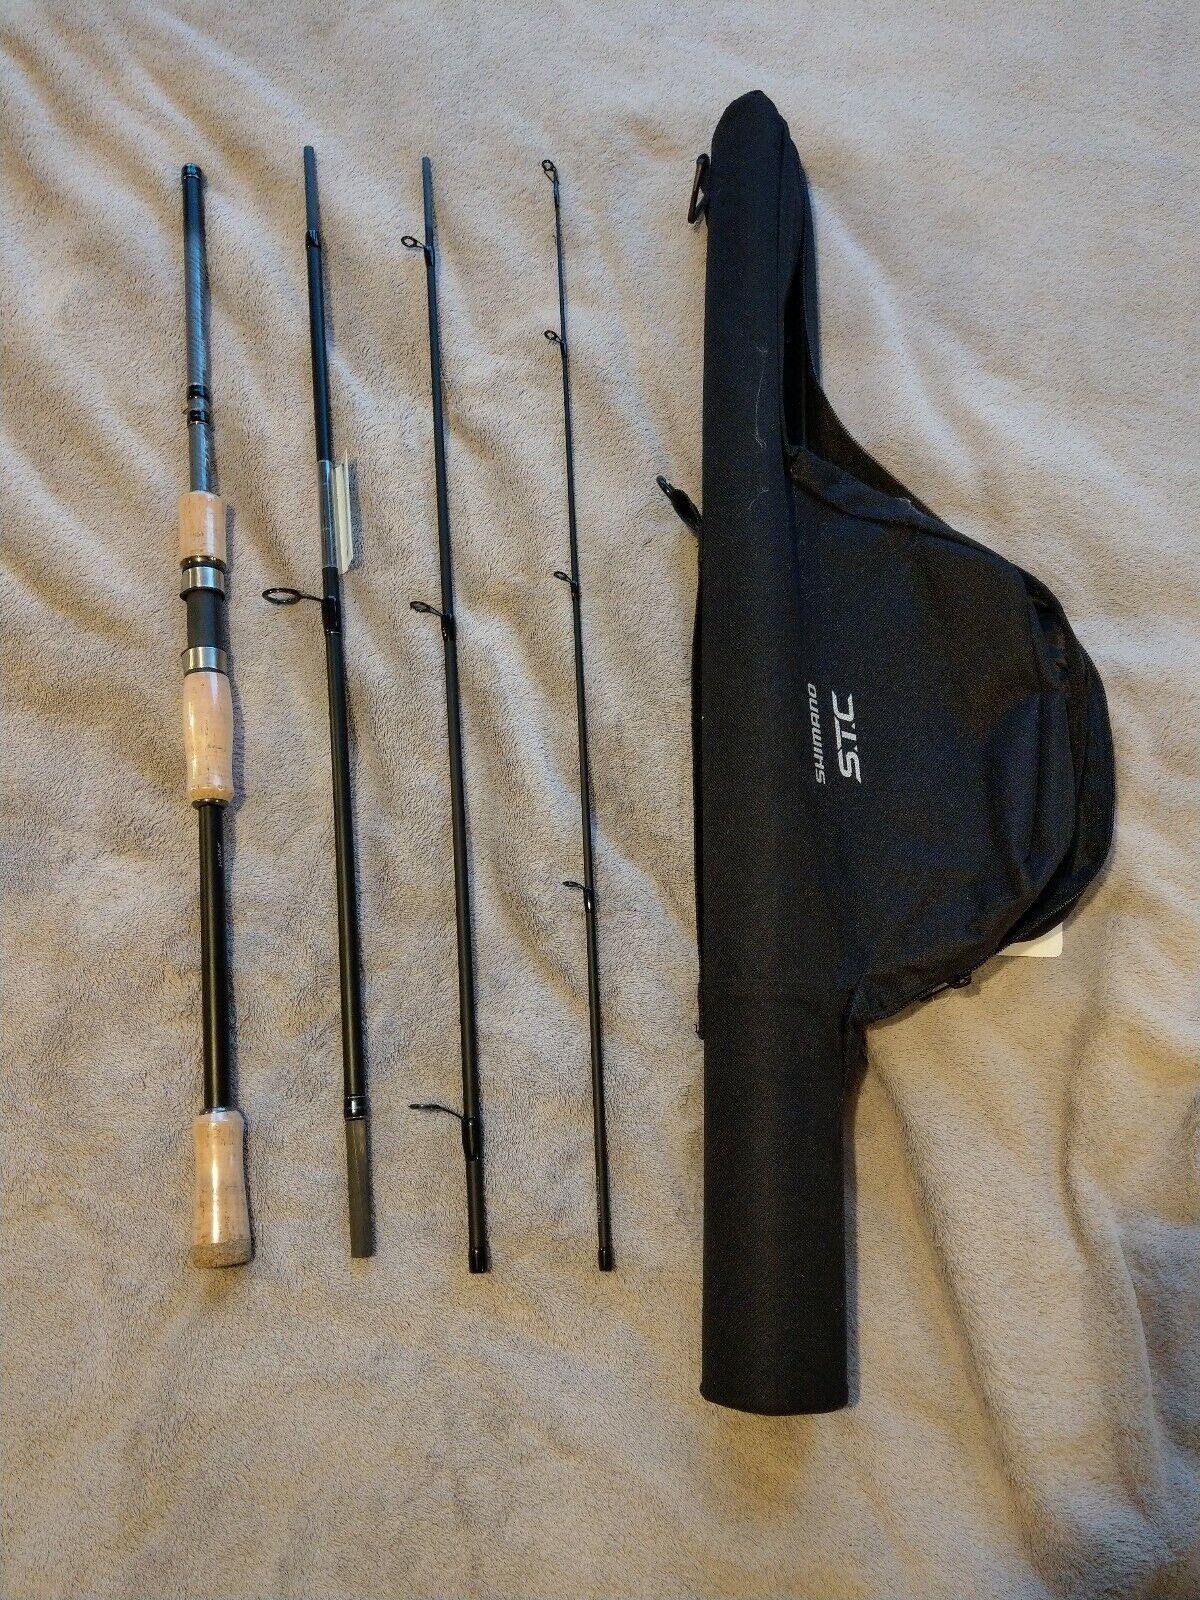 Shiuomoo STC 240 M c.w 10-30g   Travel Spinning Fishing Rod